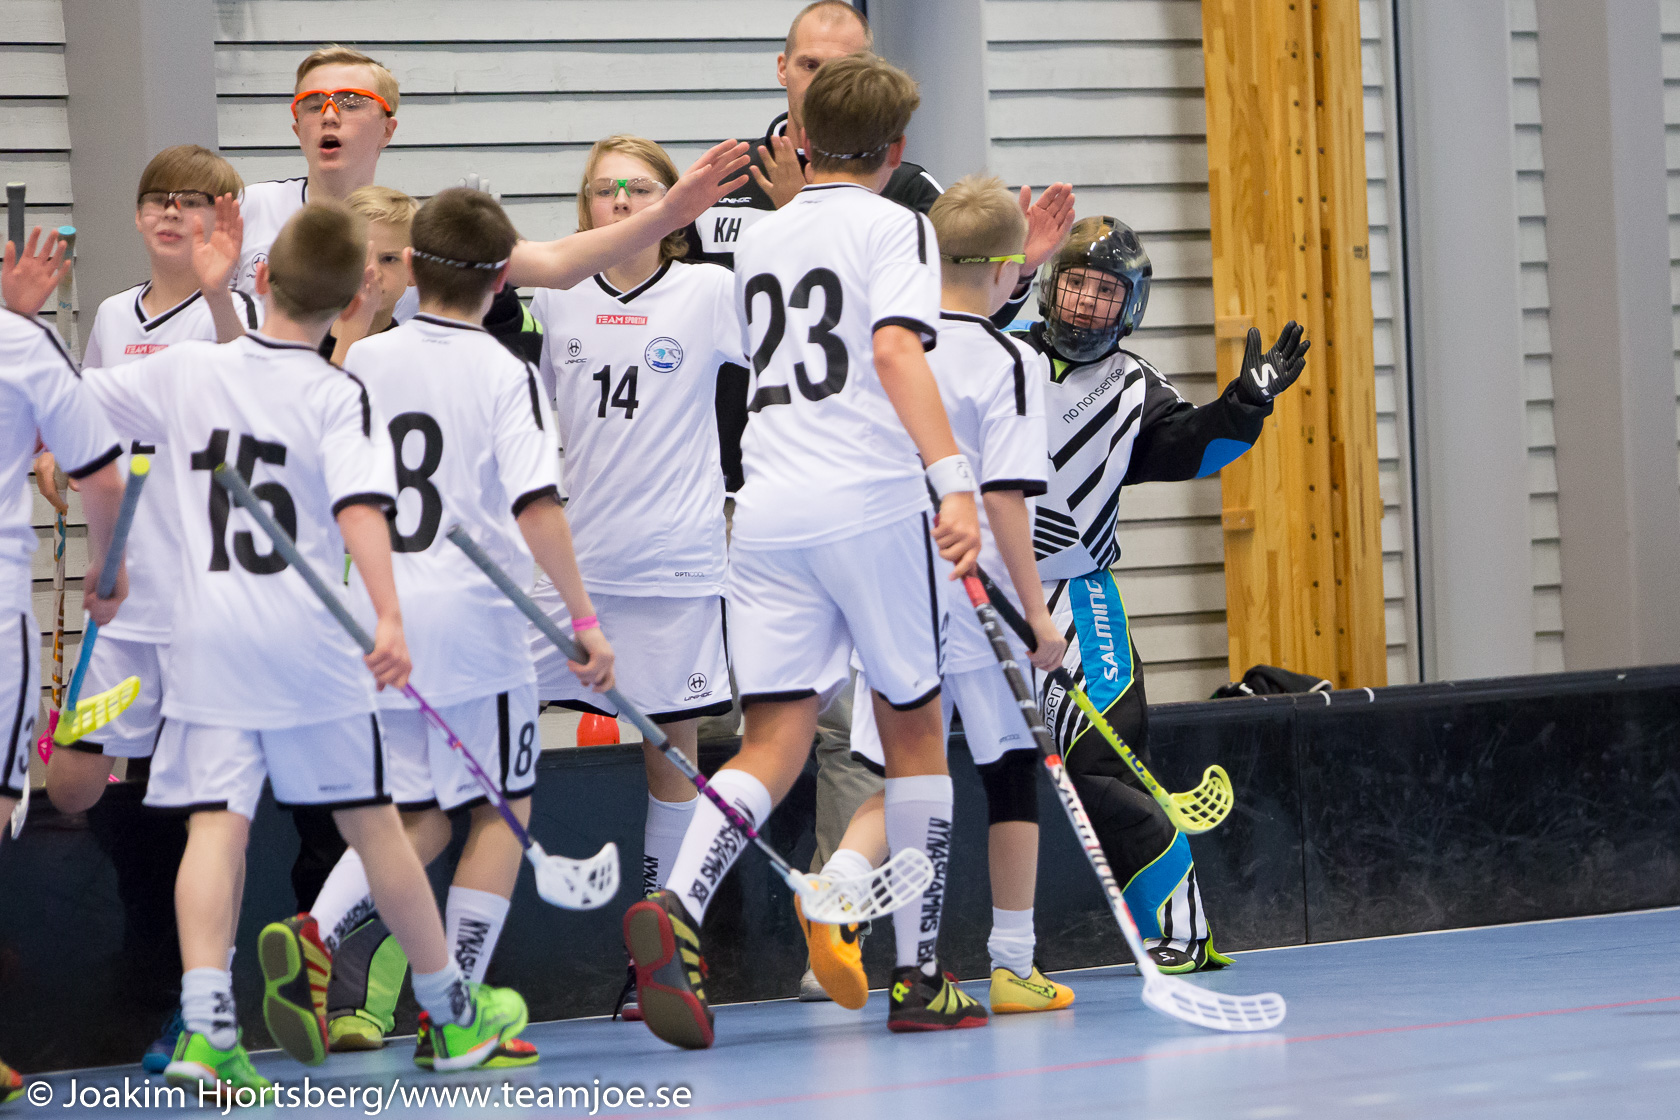 20160409_2021 Örebrocupen